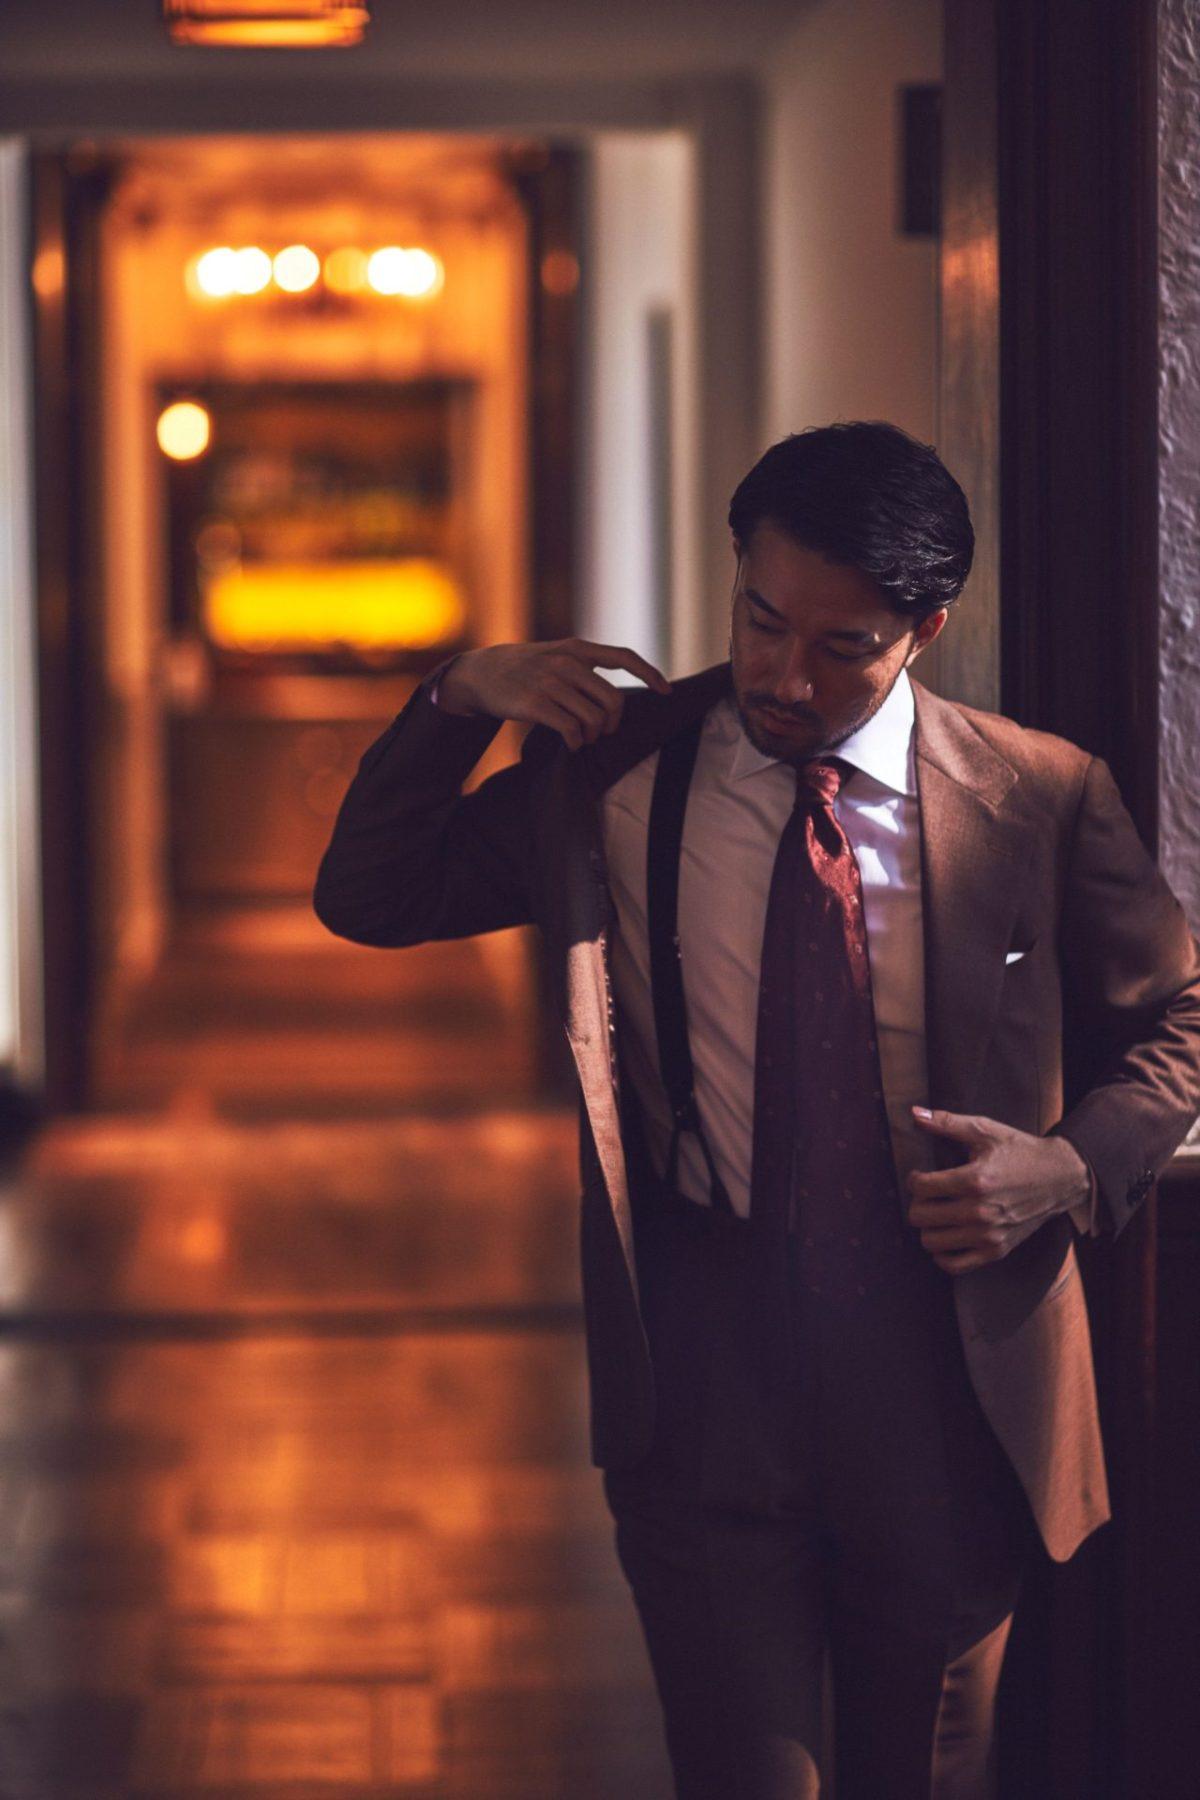 クラシックなスーツに合う、イタリアブランドAtto vannucci(アットヴァン ヌッチ)のワインレッドのネクタイをTHE G'S HIDEOUT.(ザ・ジーズ・ハイドアウト)でお取り扱いしております。